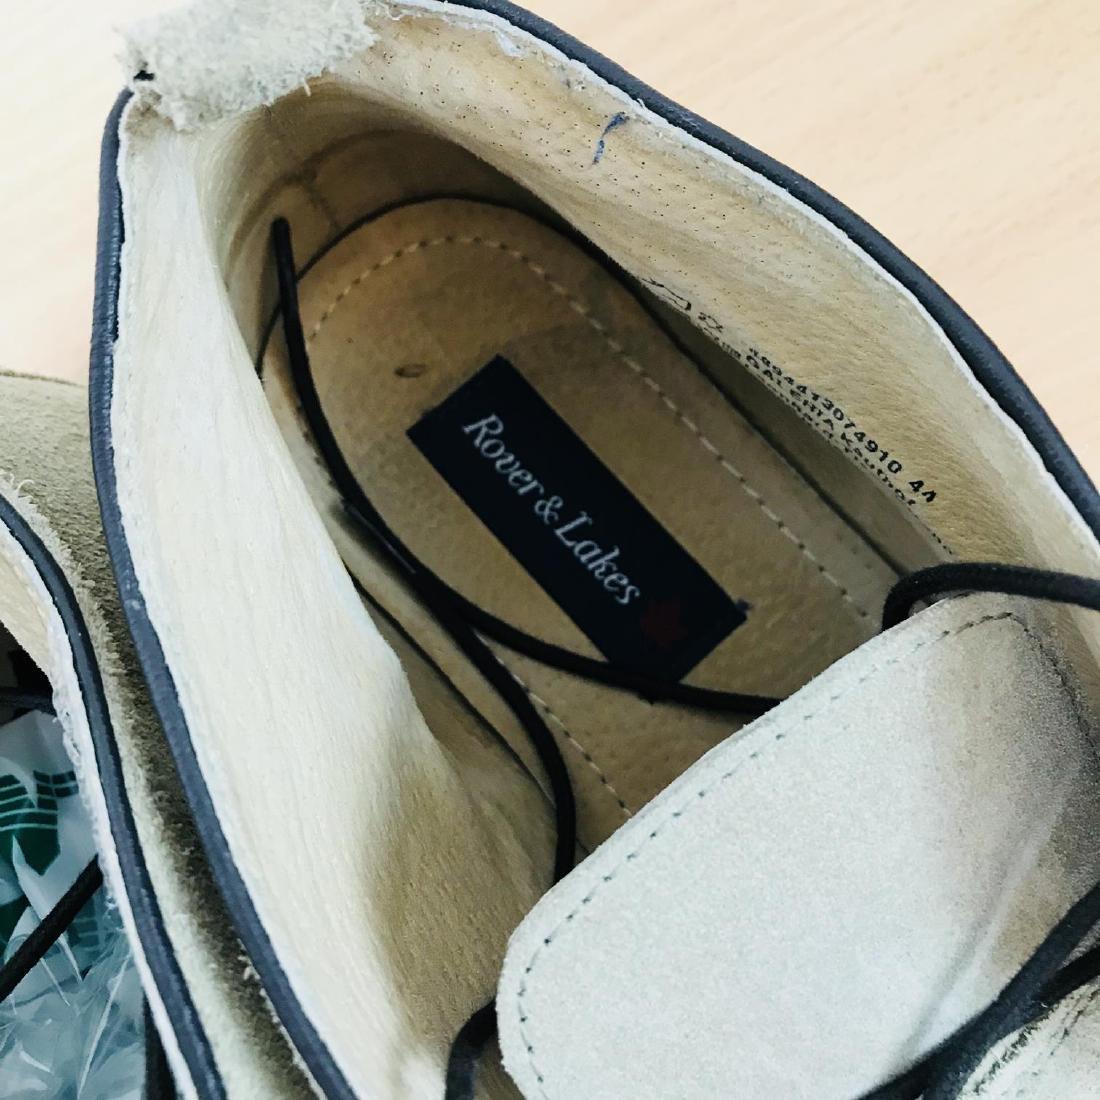 Vintage Men's Suede Leather Shoes Size EUR 44 US 11 - 7